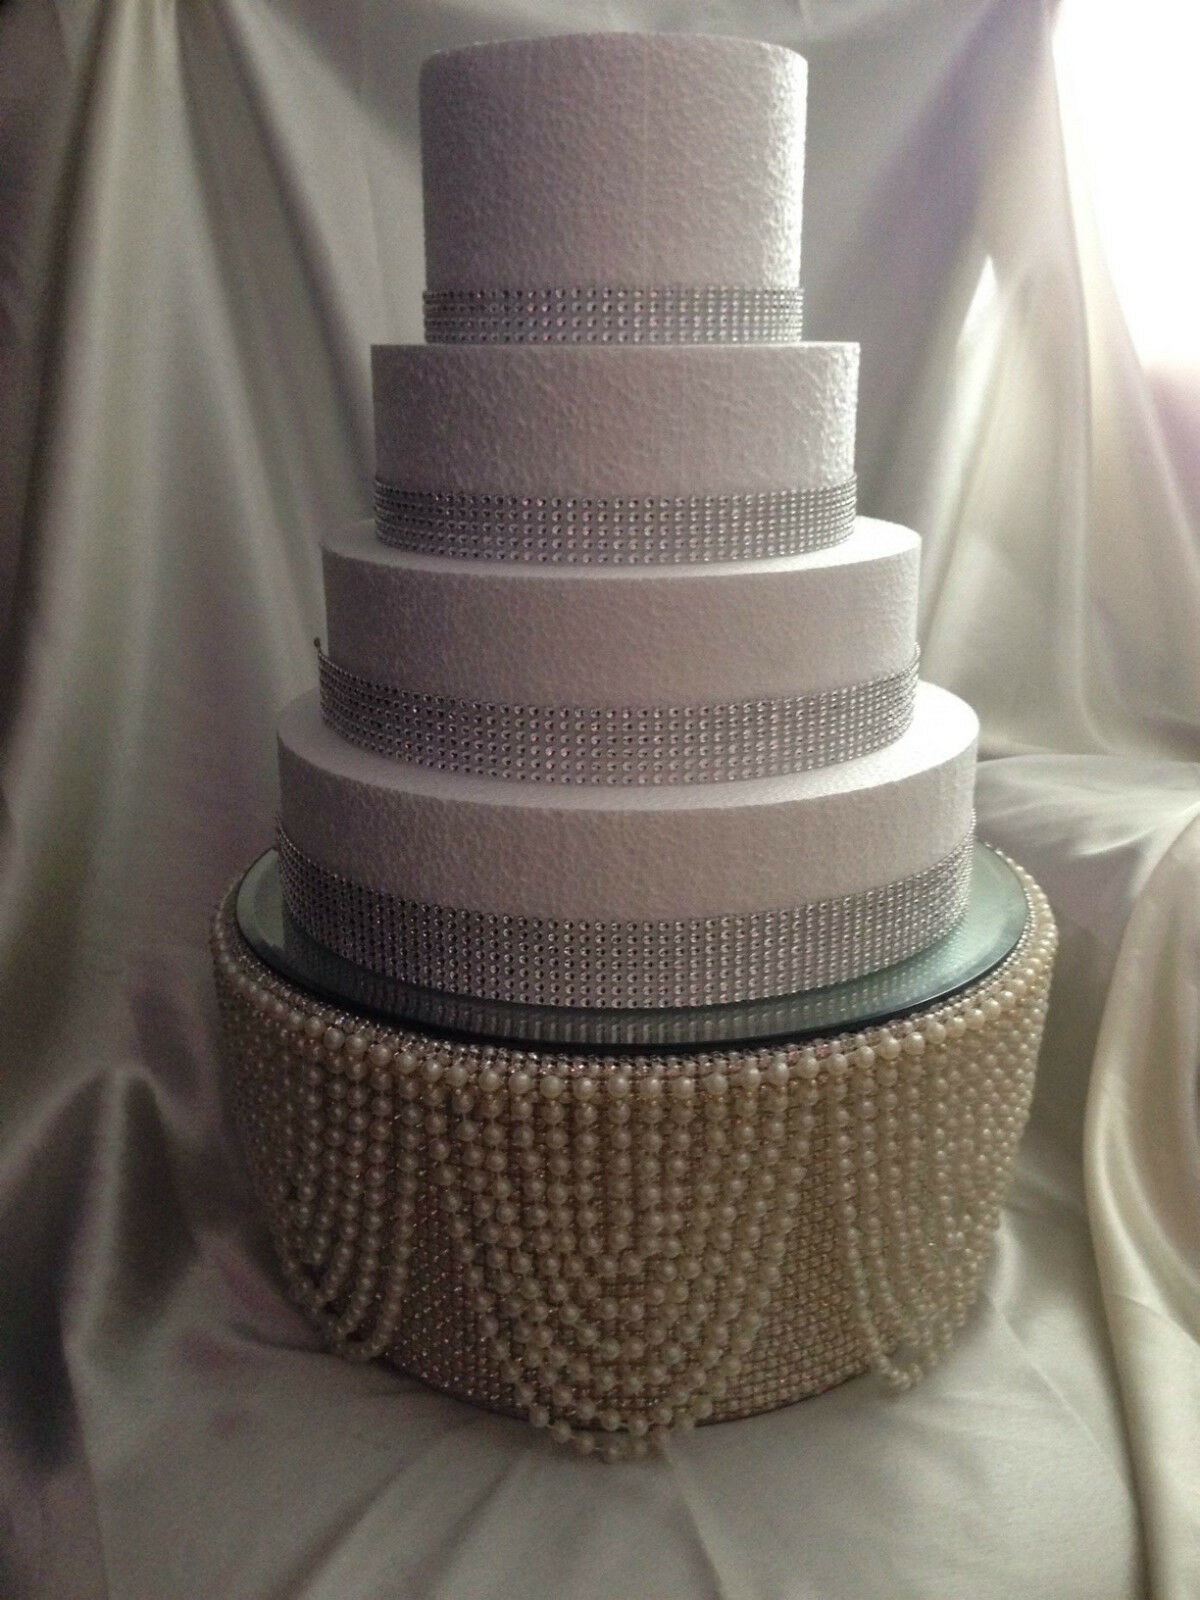 Perle & DiaFemmete DiaFemmete DiaFemmete strass finition haut de gâteau Stand pour Gâteau de Mariage Gatsby Style 715e12